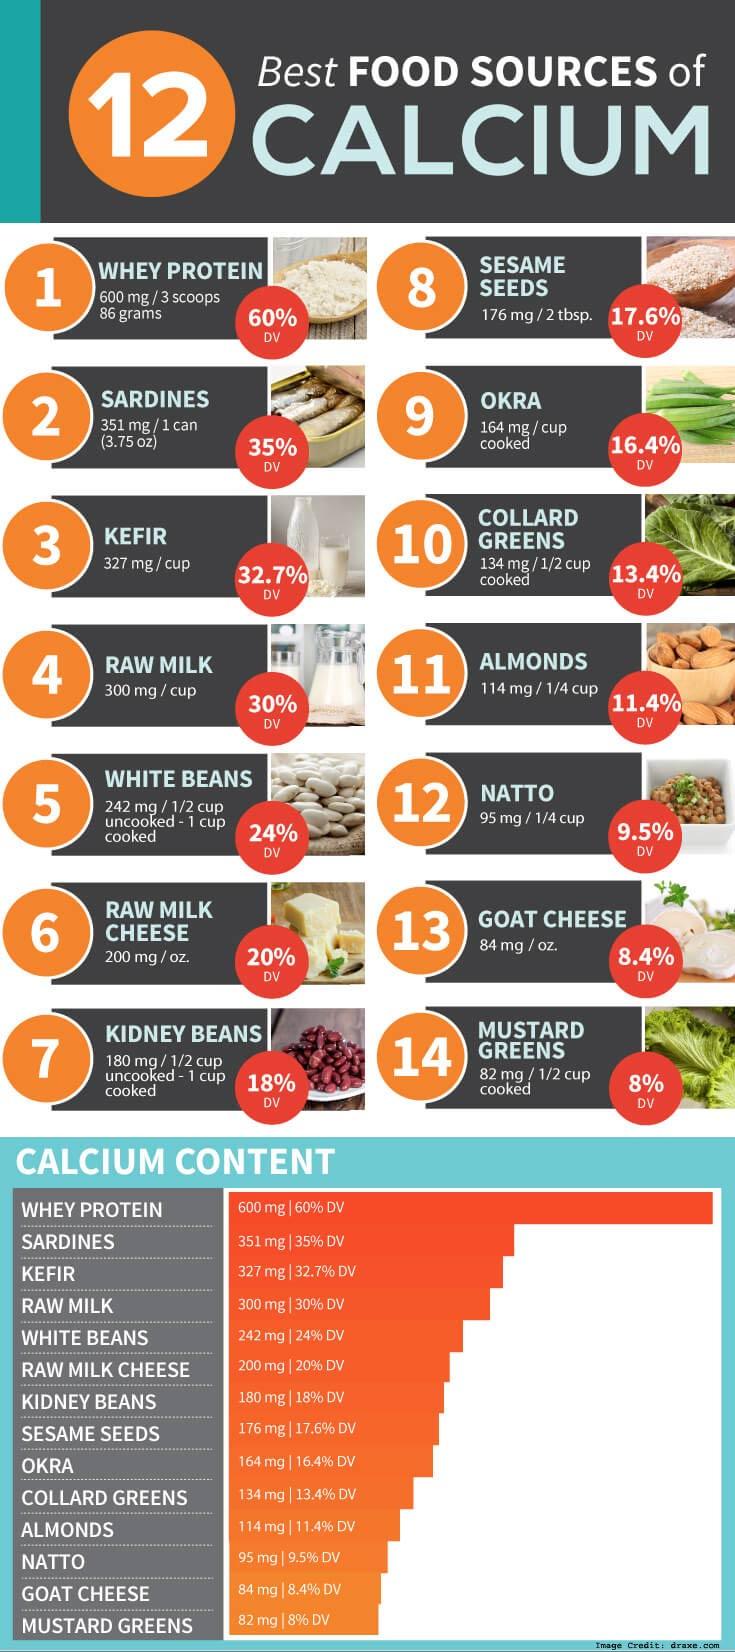 Sources of Calcium Info